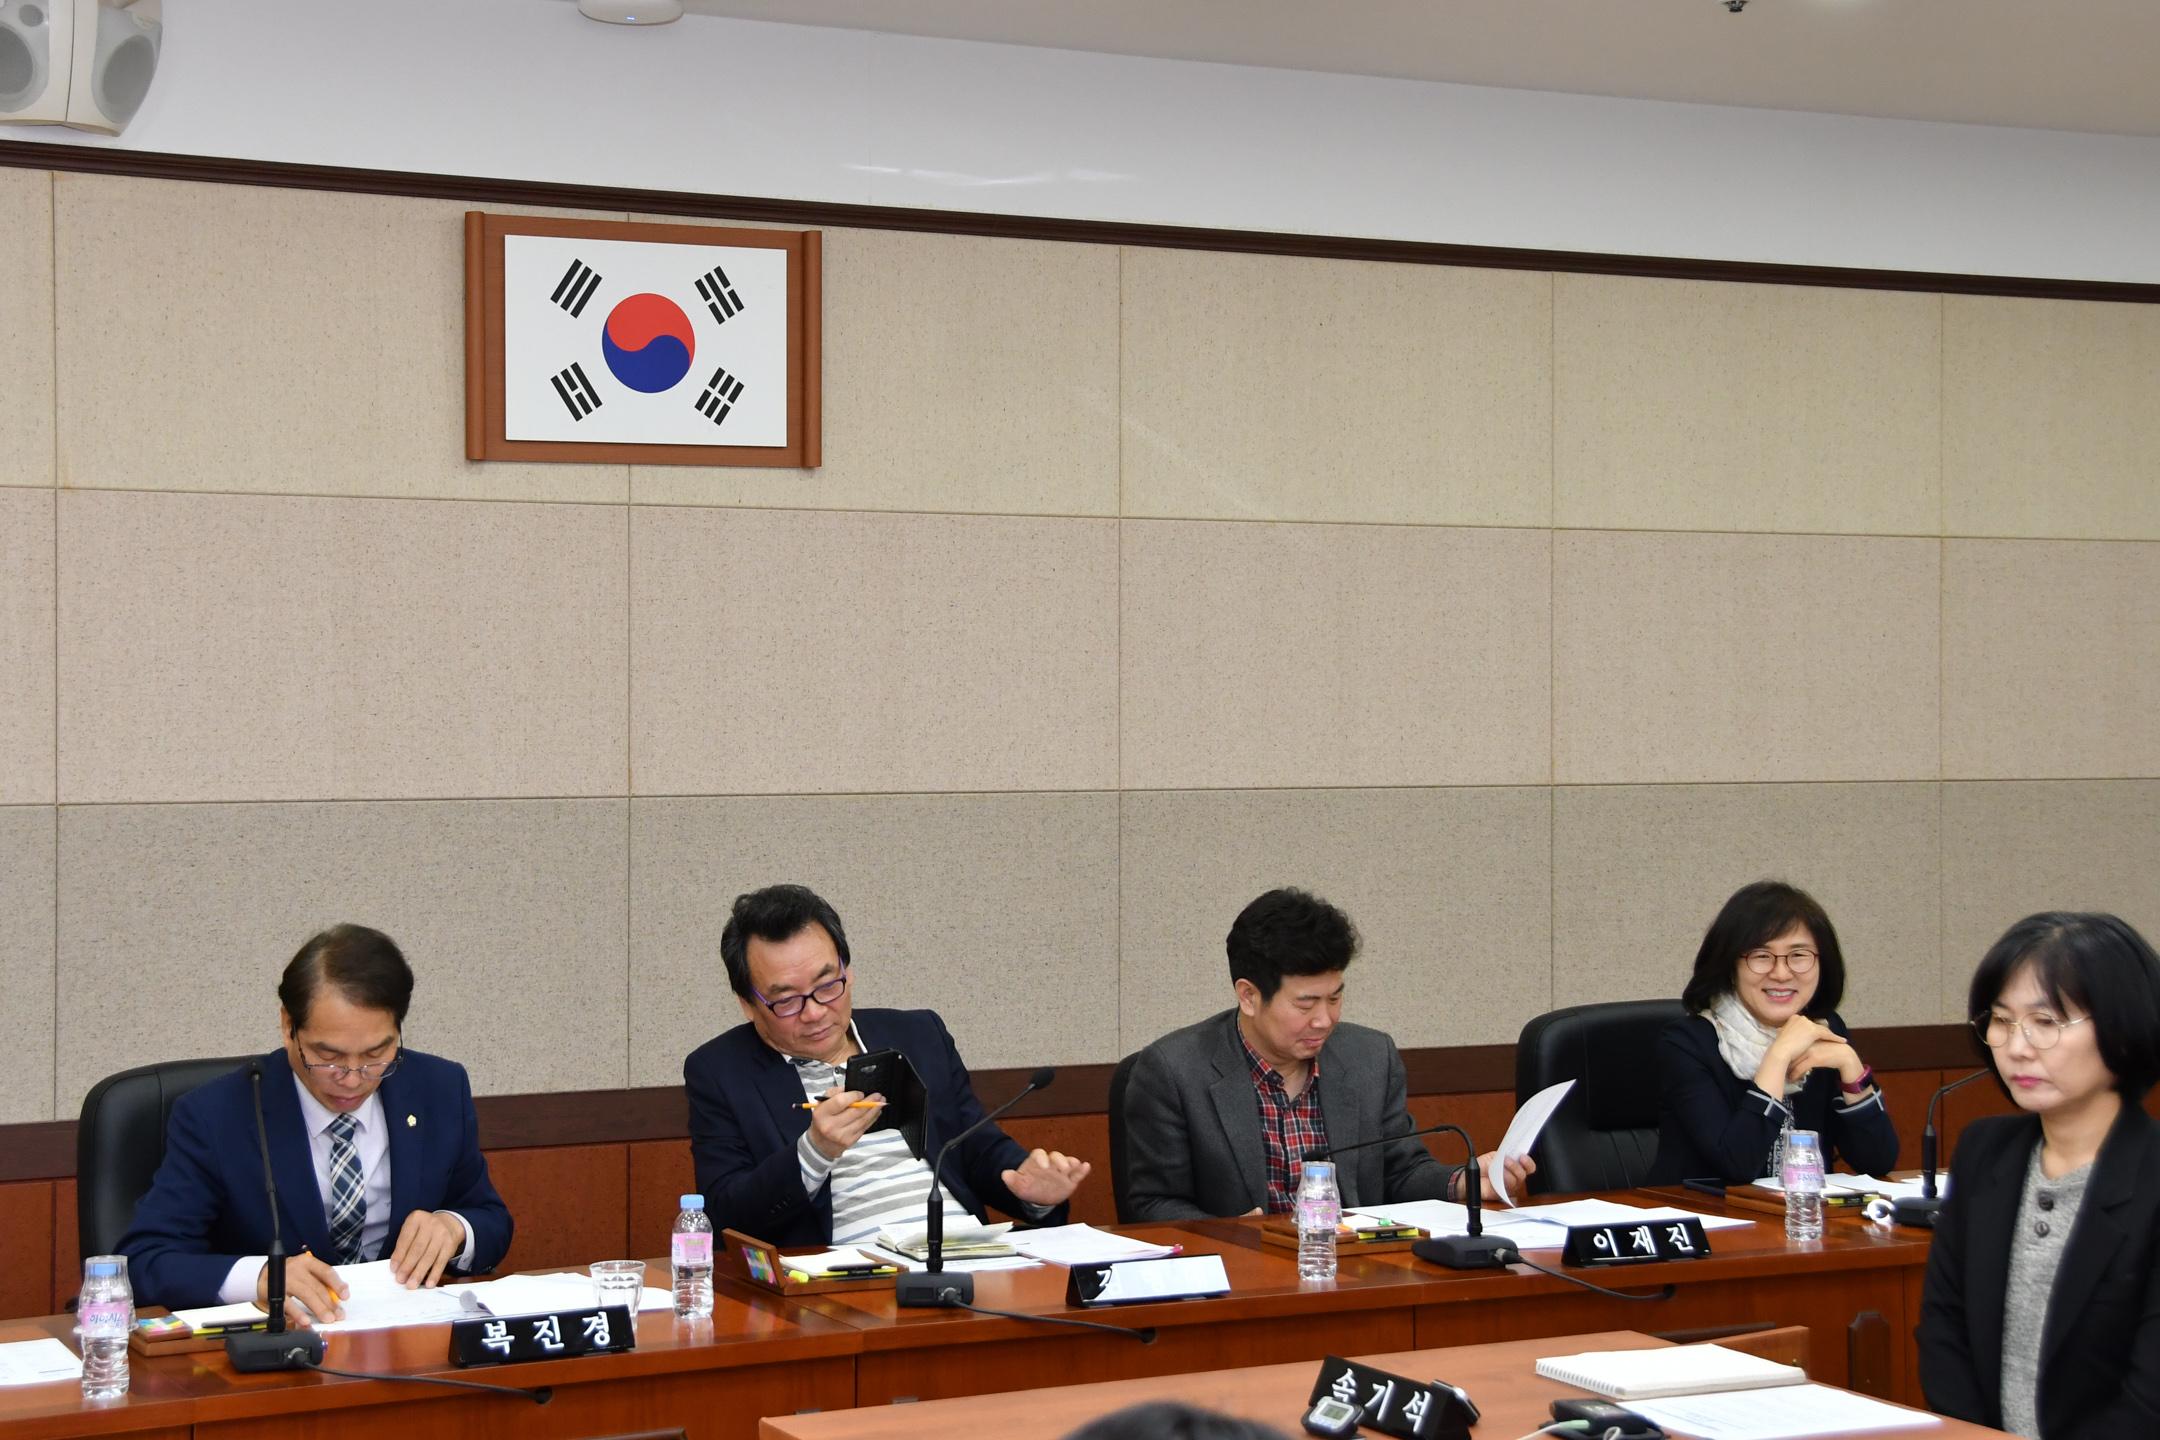 제275회 임시회 복지도시위원회 GNC_3282.jpg